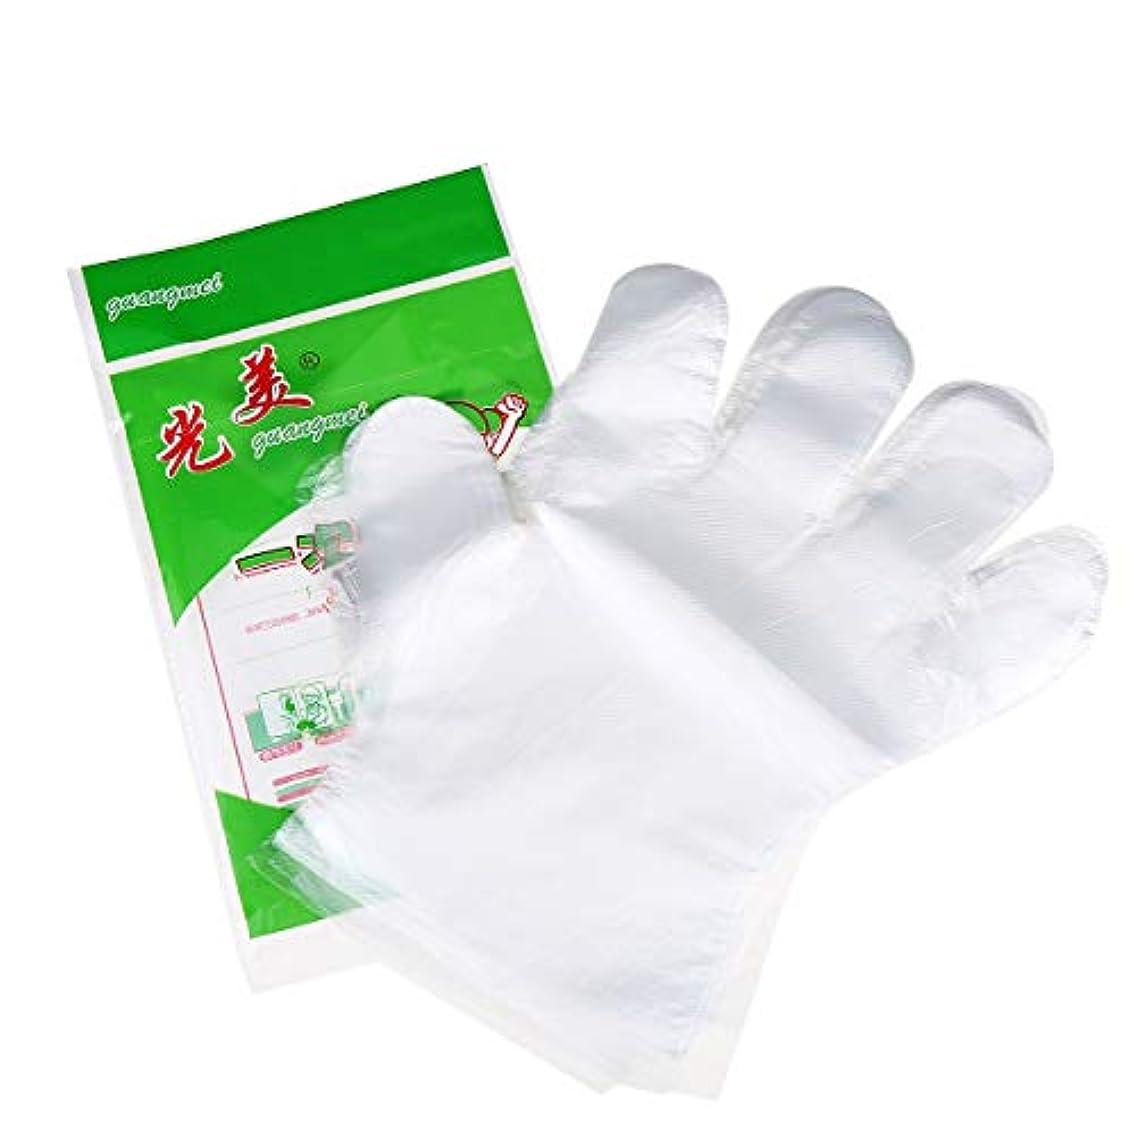 フルーツ野菜消費者防衛使い捨て手袋 極薄ビニール手袋 ポリエチレン 透明 実用 衛生 100枚セット極薄手袋 調理に?お掃除に?毛染めに